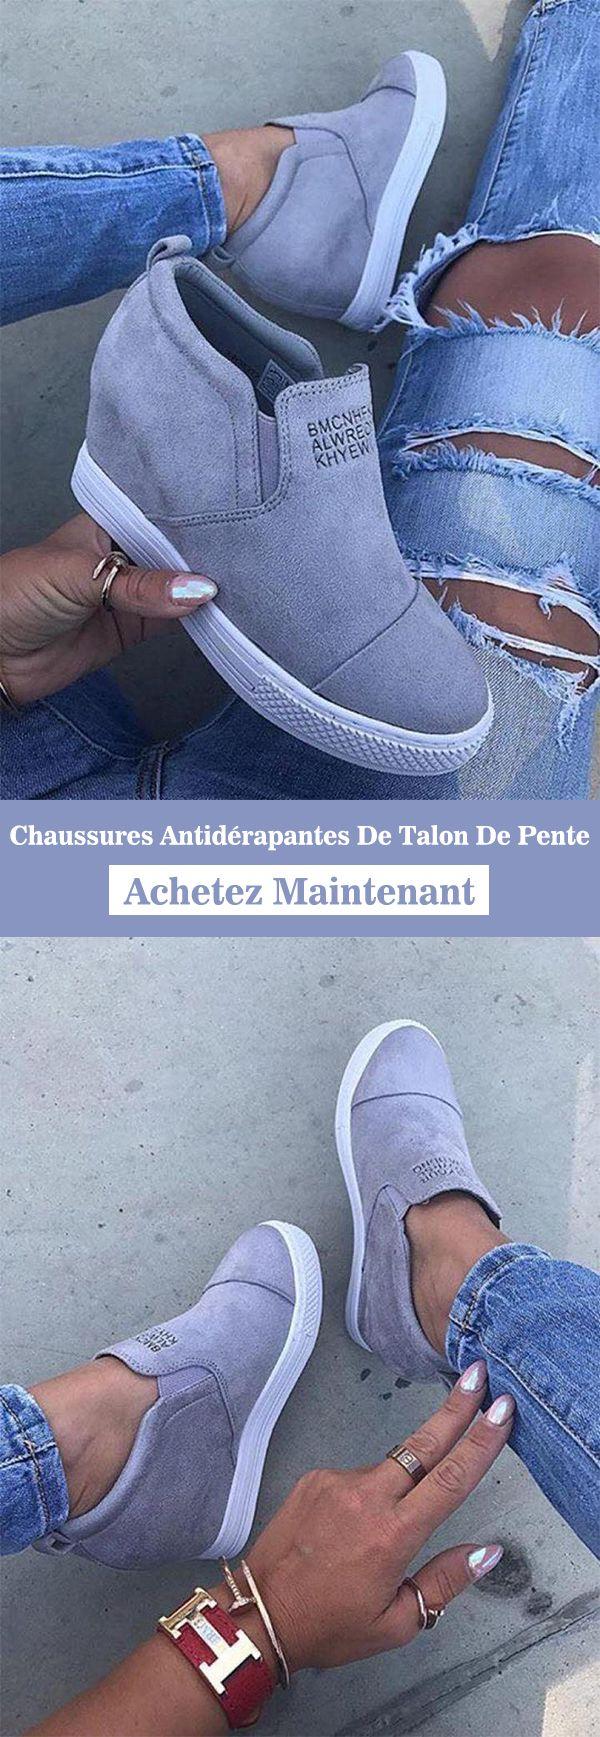 Chaussures Antidérapantes De Talon De Pente | chaussure